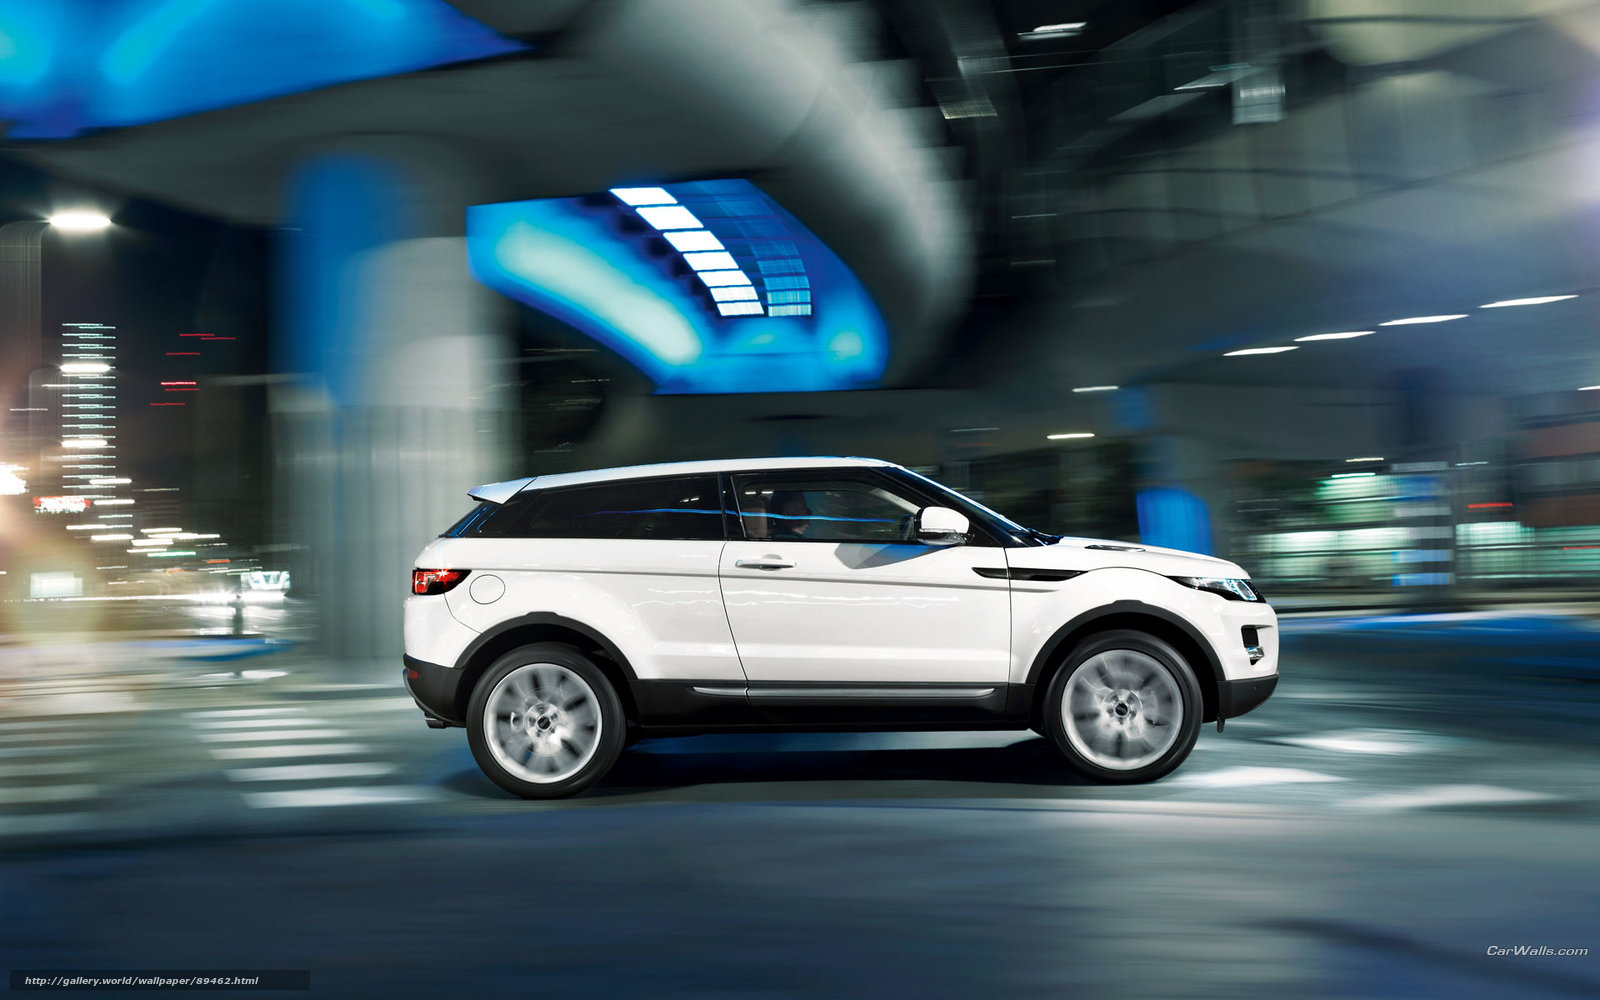 Скачать обои Land Rover,  Range Rover,  авто,  машины бесплатно для рабочего стола в разрешении 1920x1200 — картинка №89462